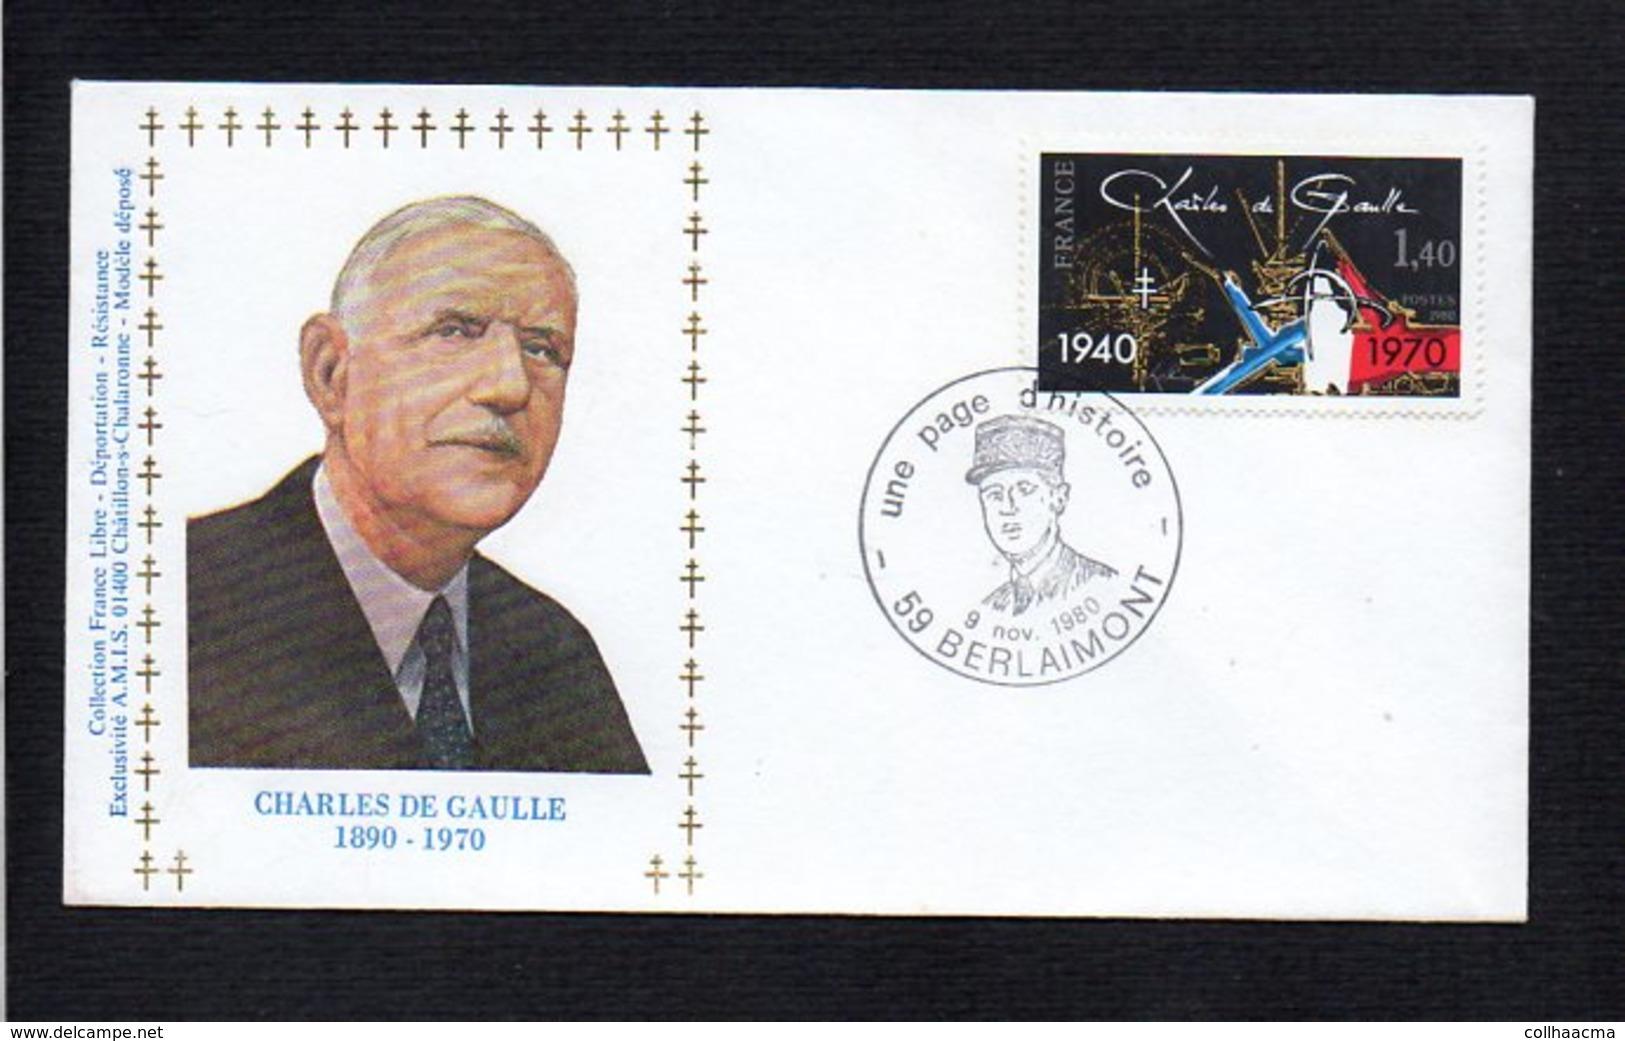 """France / Cachet Temporaire Berlaimont 59,Exposition """" Une Page D'Histoire """" Charles De Gaulle Novembre 1980 - De Gaulle (Général)"""